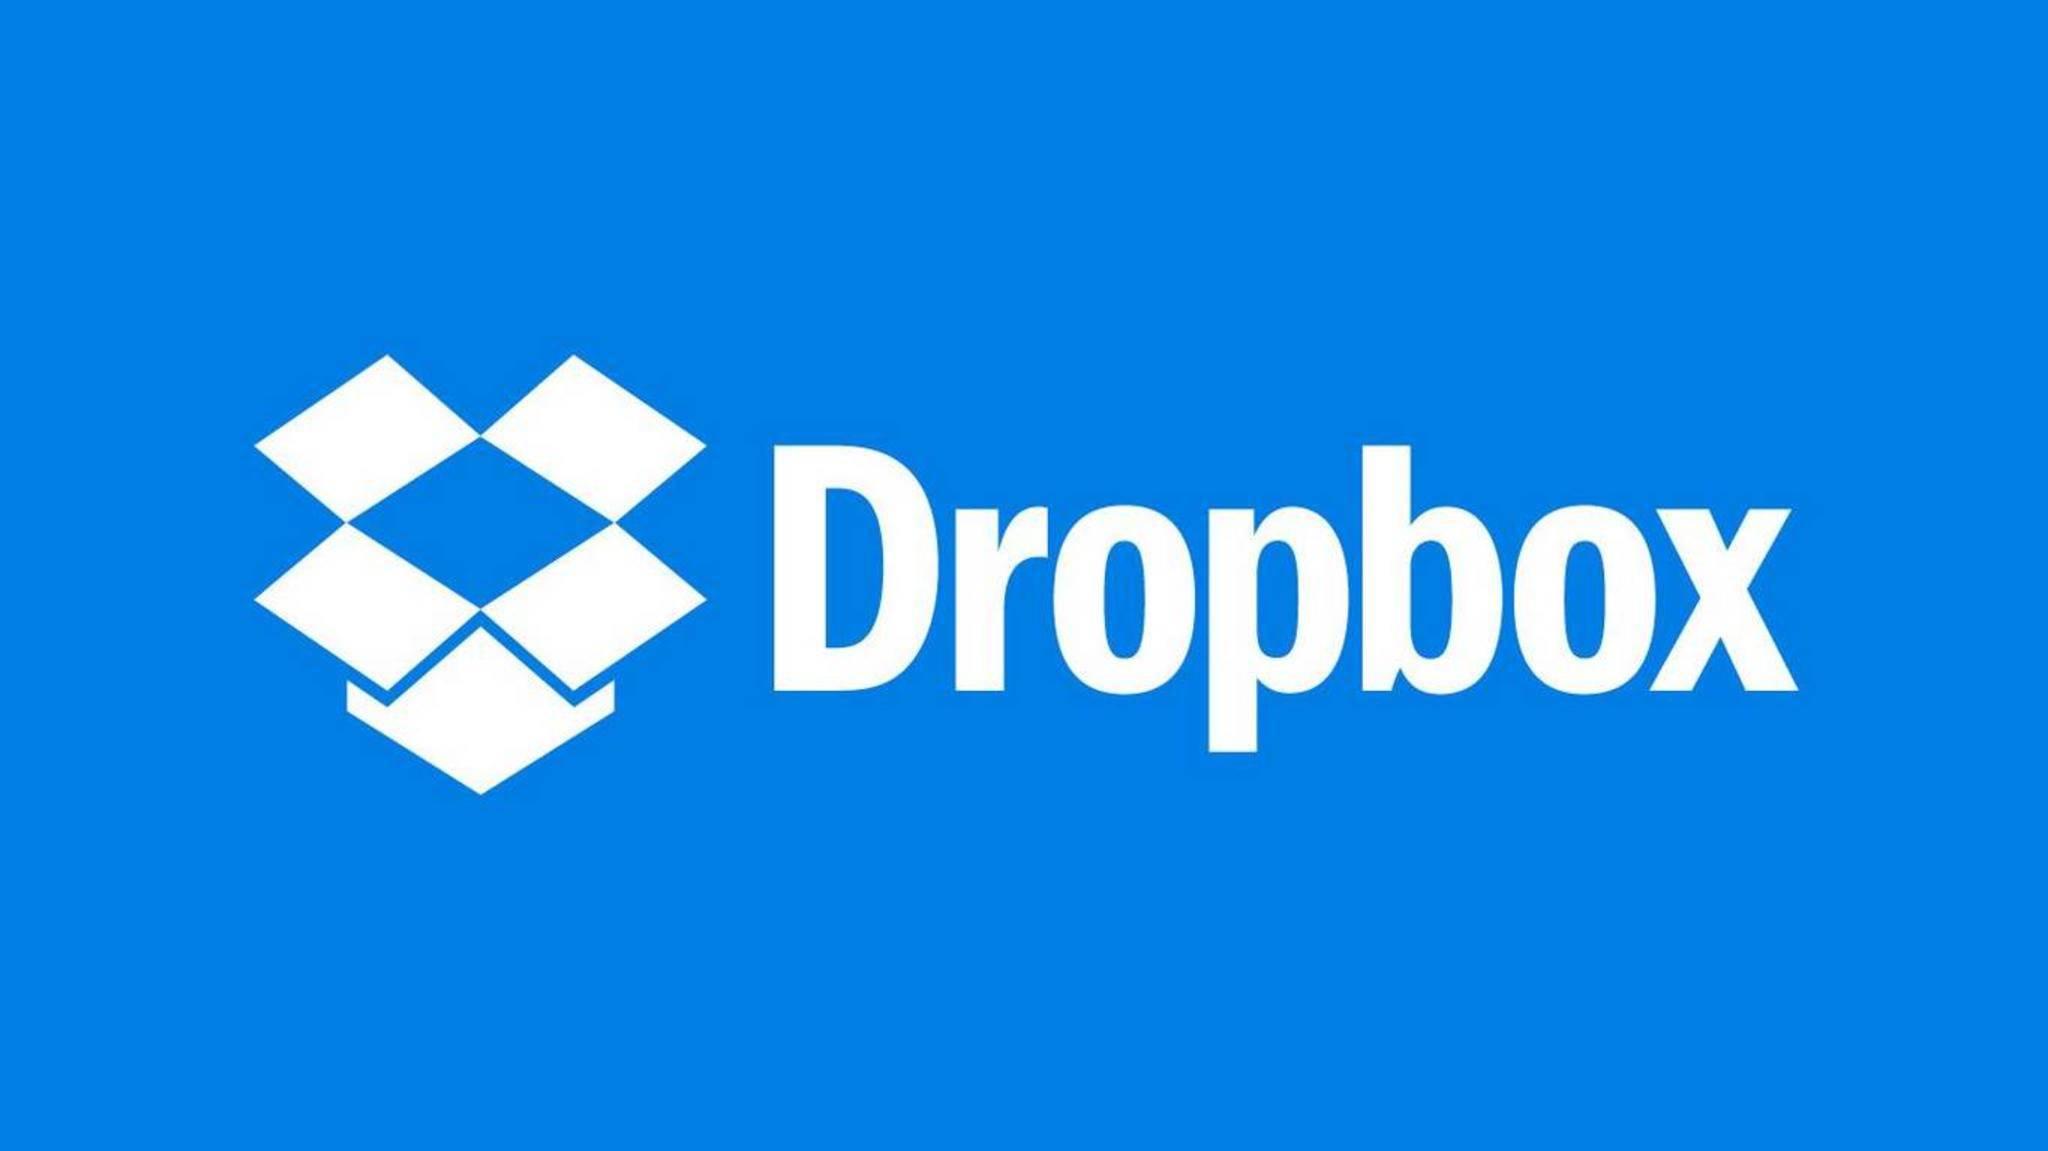 Die Funktionen der Dropbox lassen sich durch Tools erweitern.